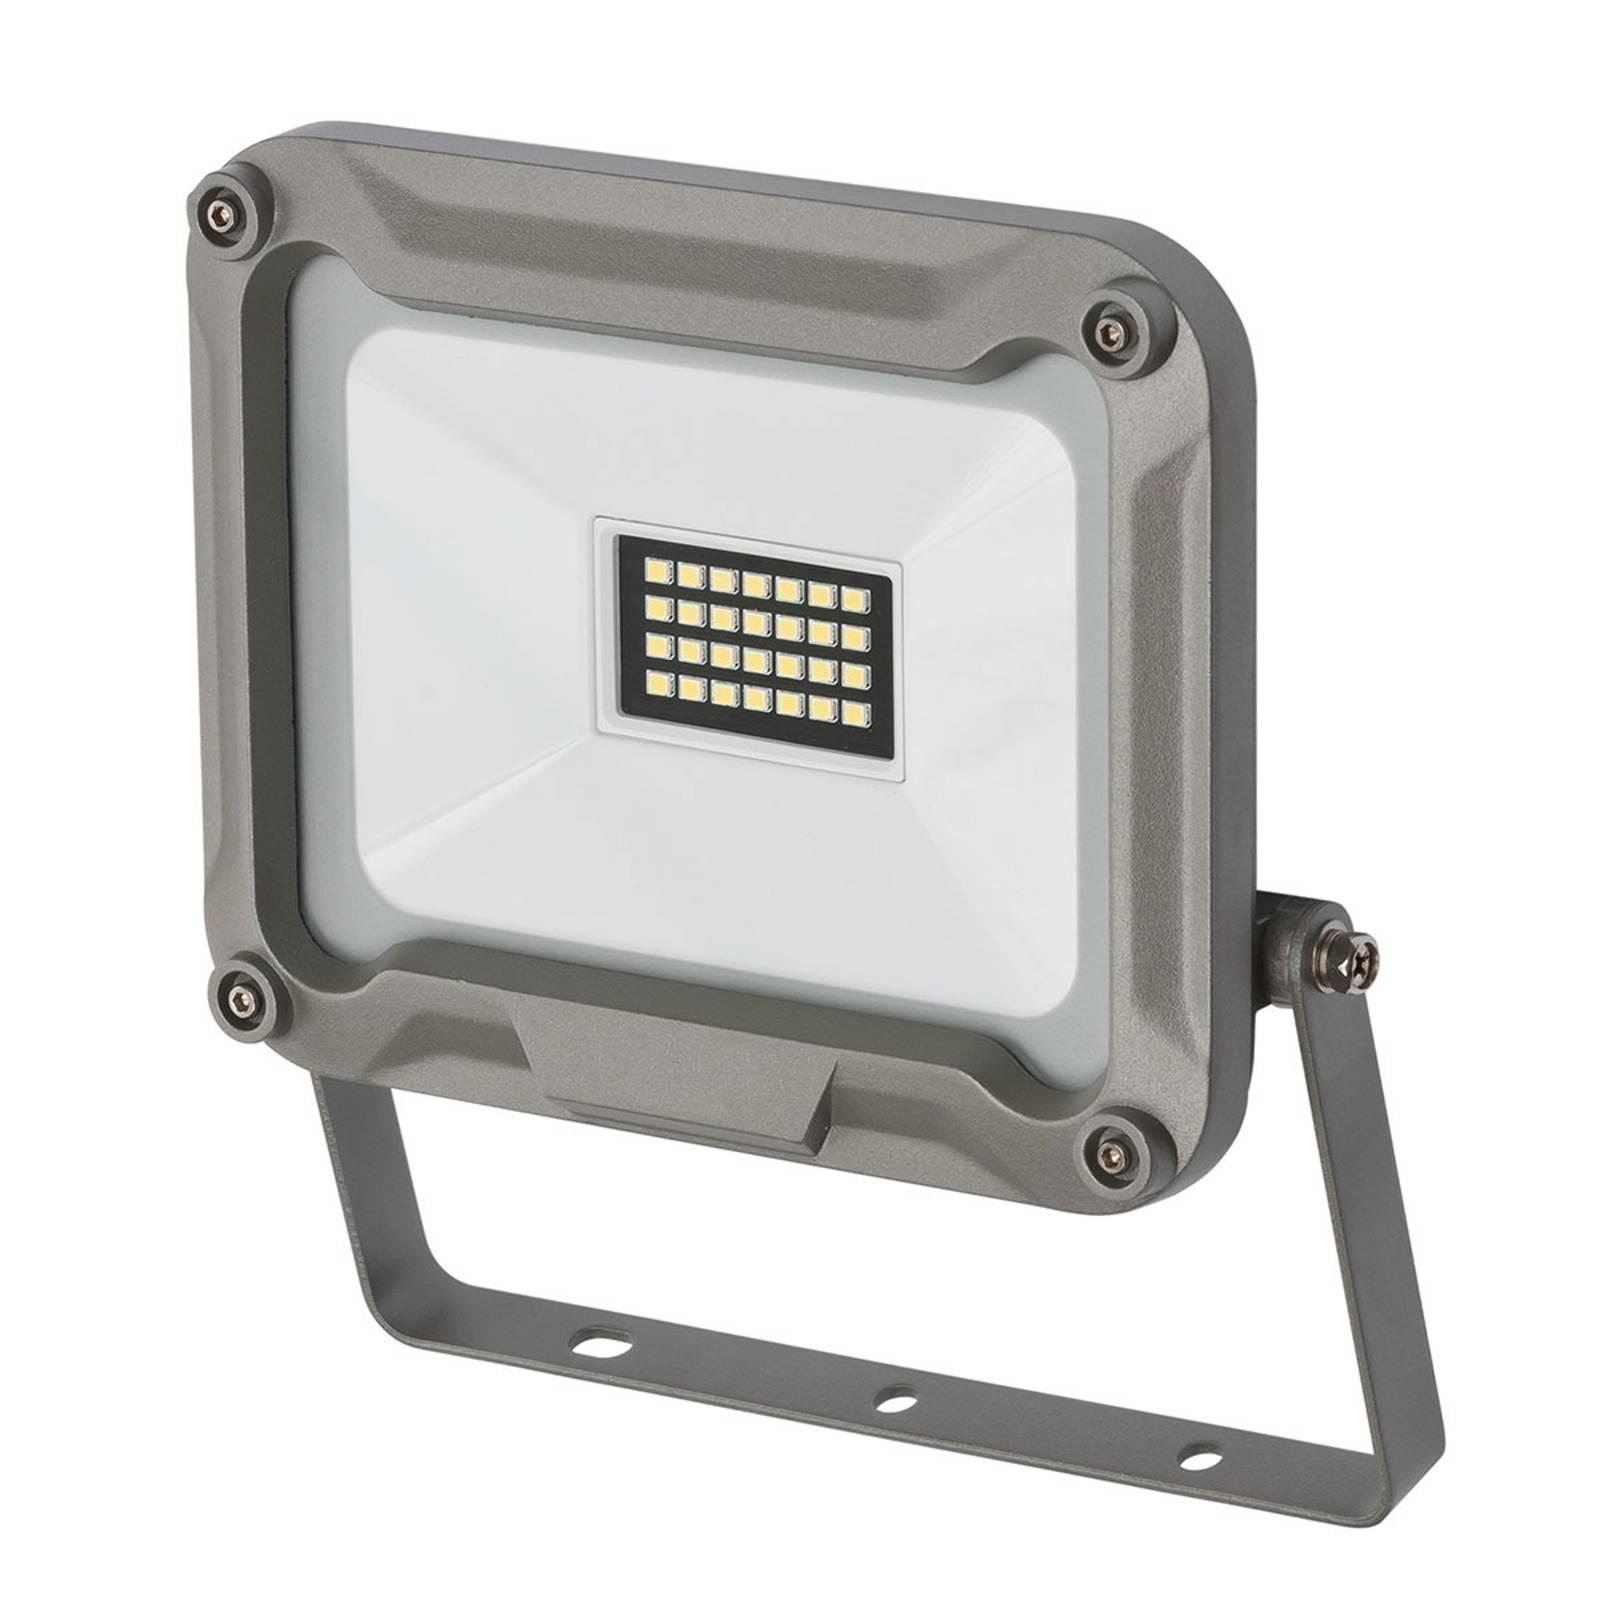 LED-ulkokohdevalaisin Jaro asennukseen IP65 20W